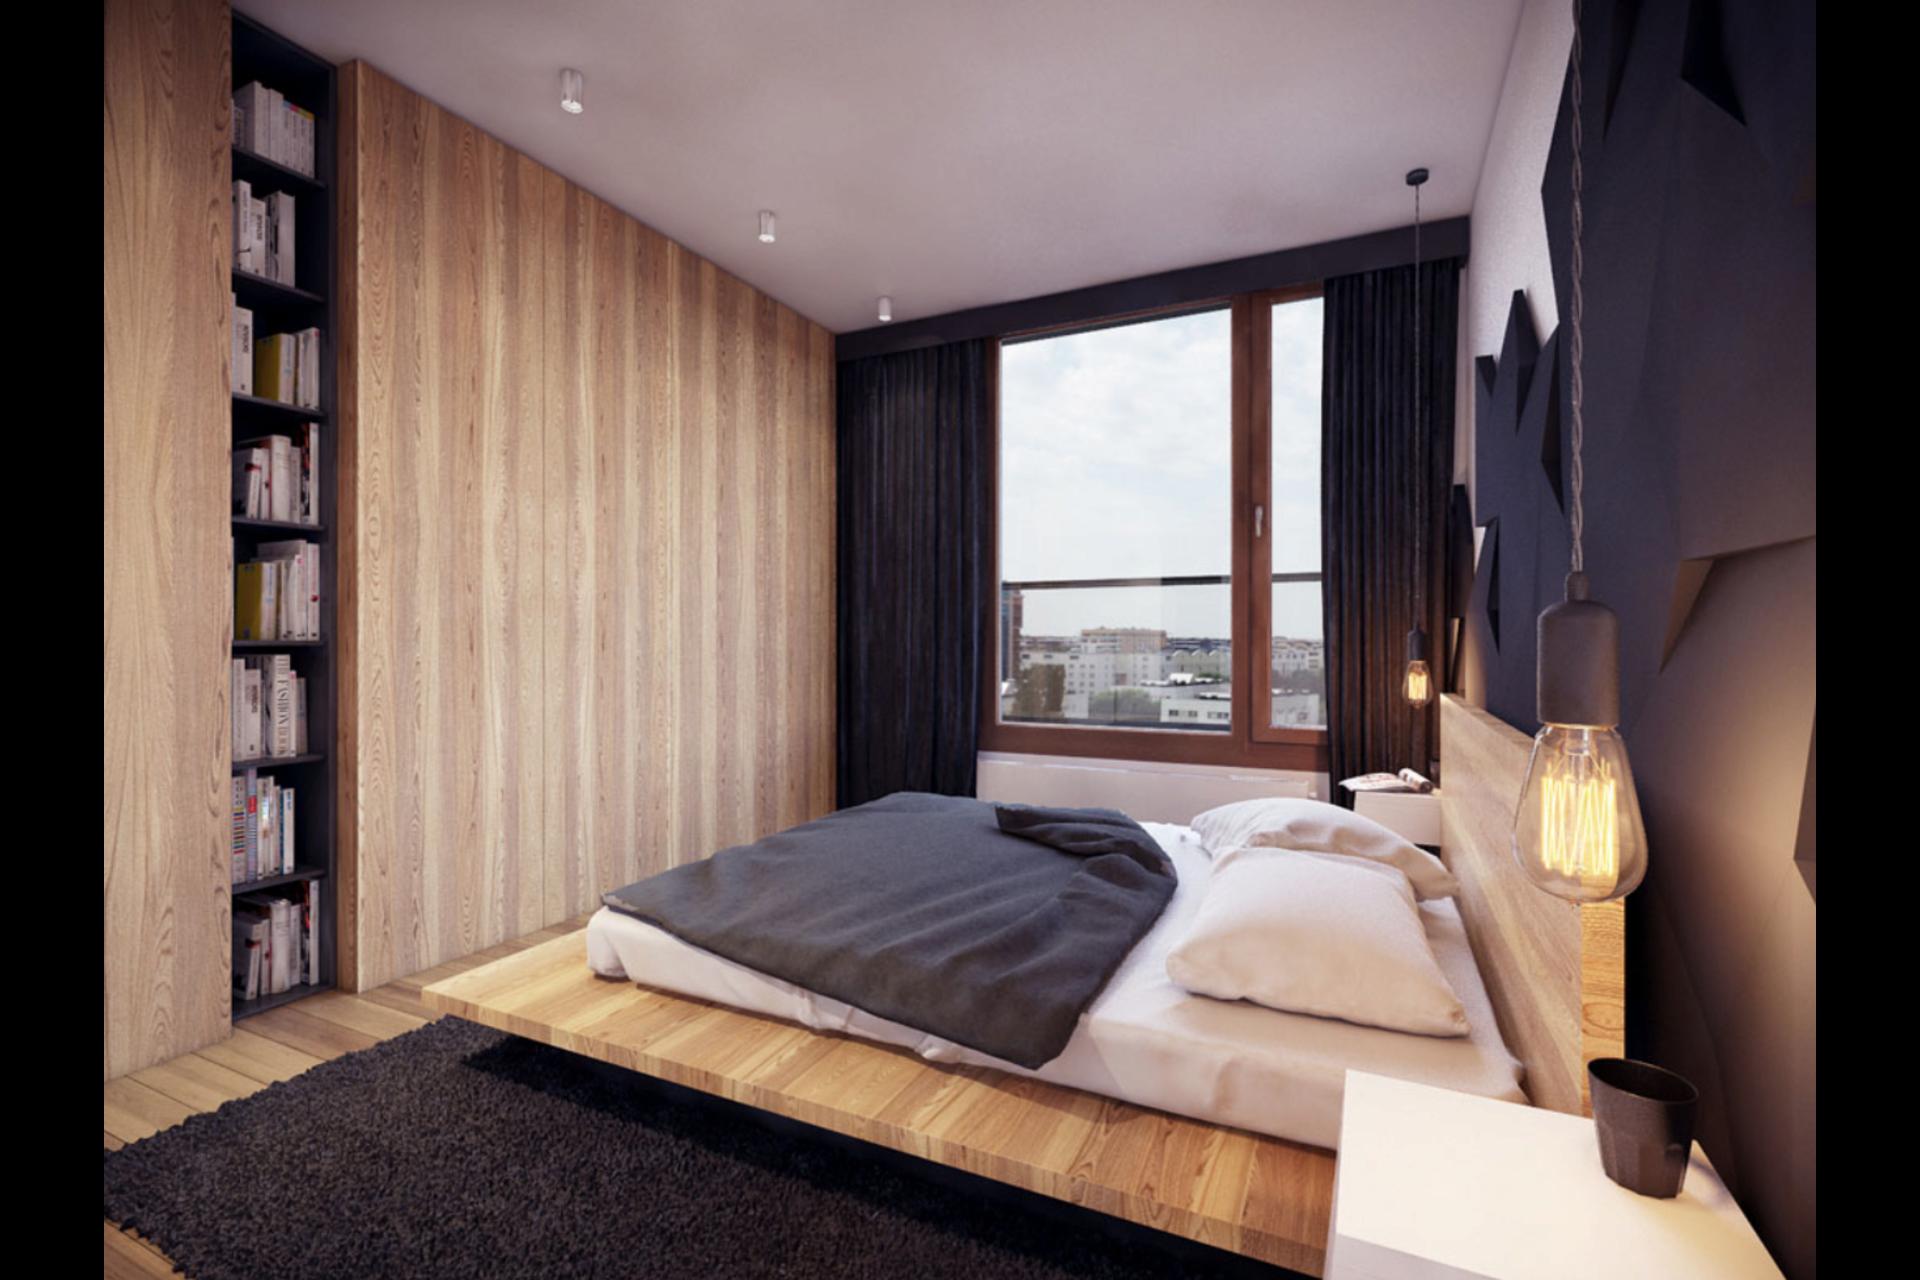 image 8 - Appartement À vendre Rouen - 2 pièces